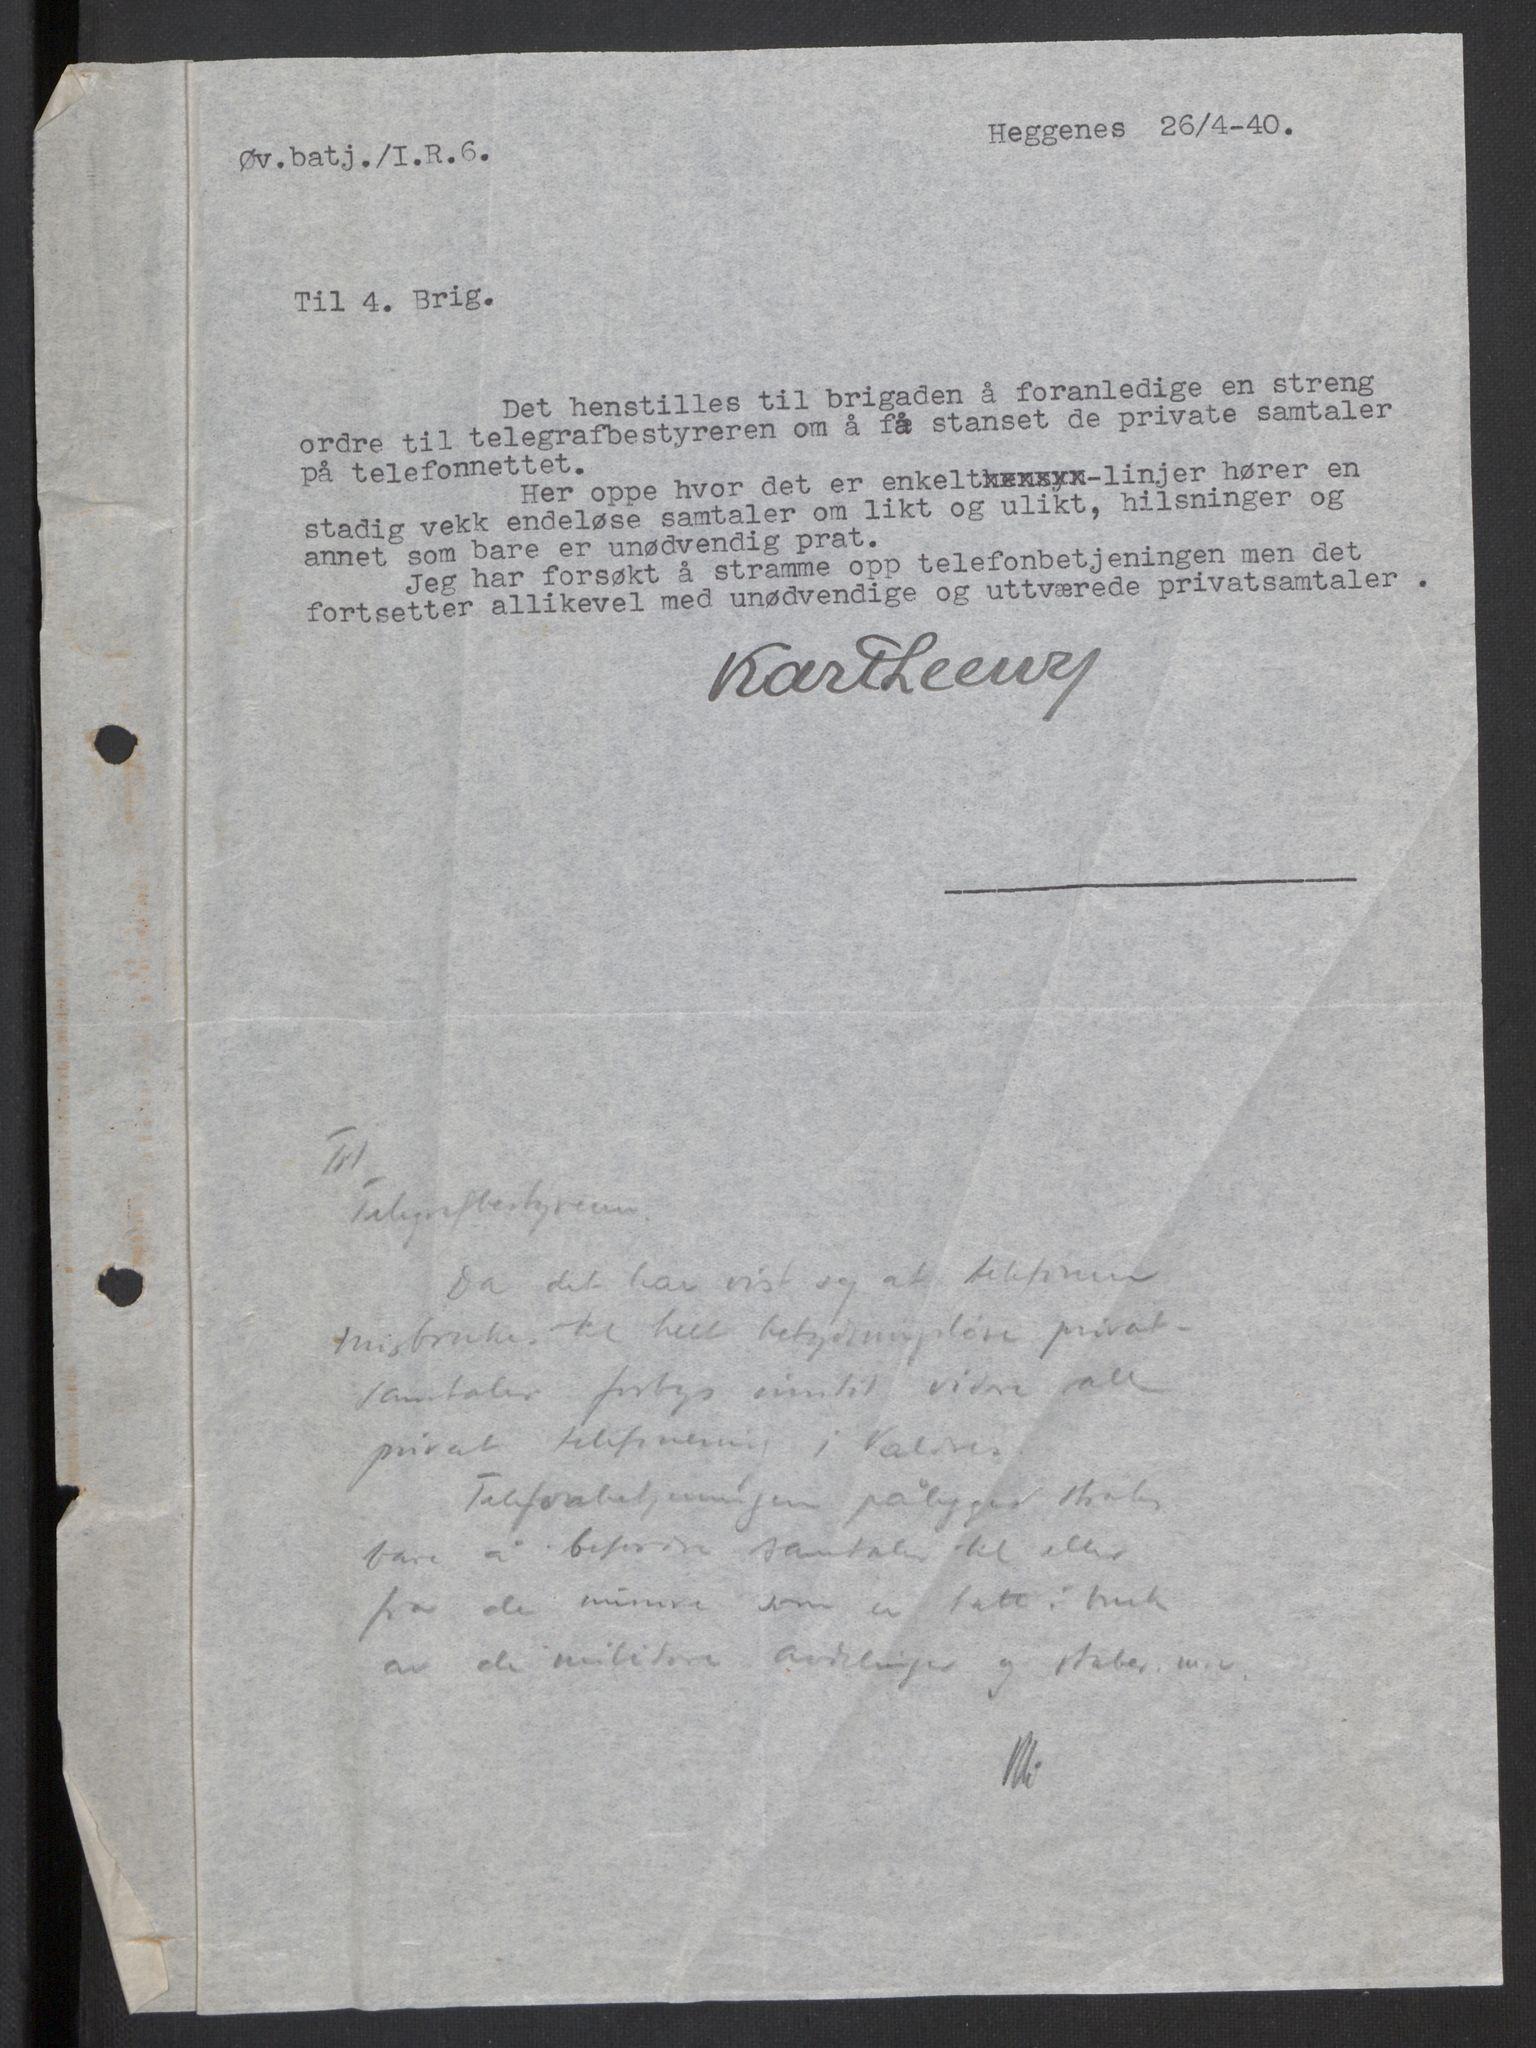 RA, Forsvaret, Forsvarets krigshistoriske avdeling, Y/Yb/L0104: II-C-11-430  -  4. Divisjon., 1940, s. 330